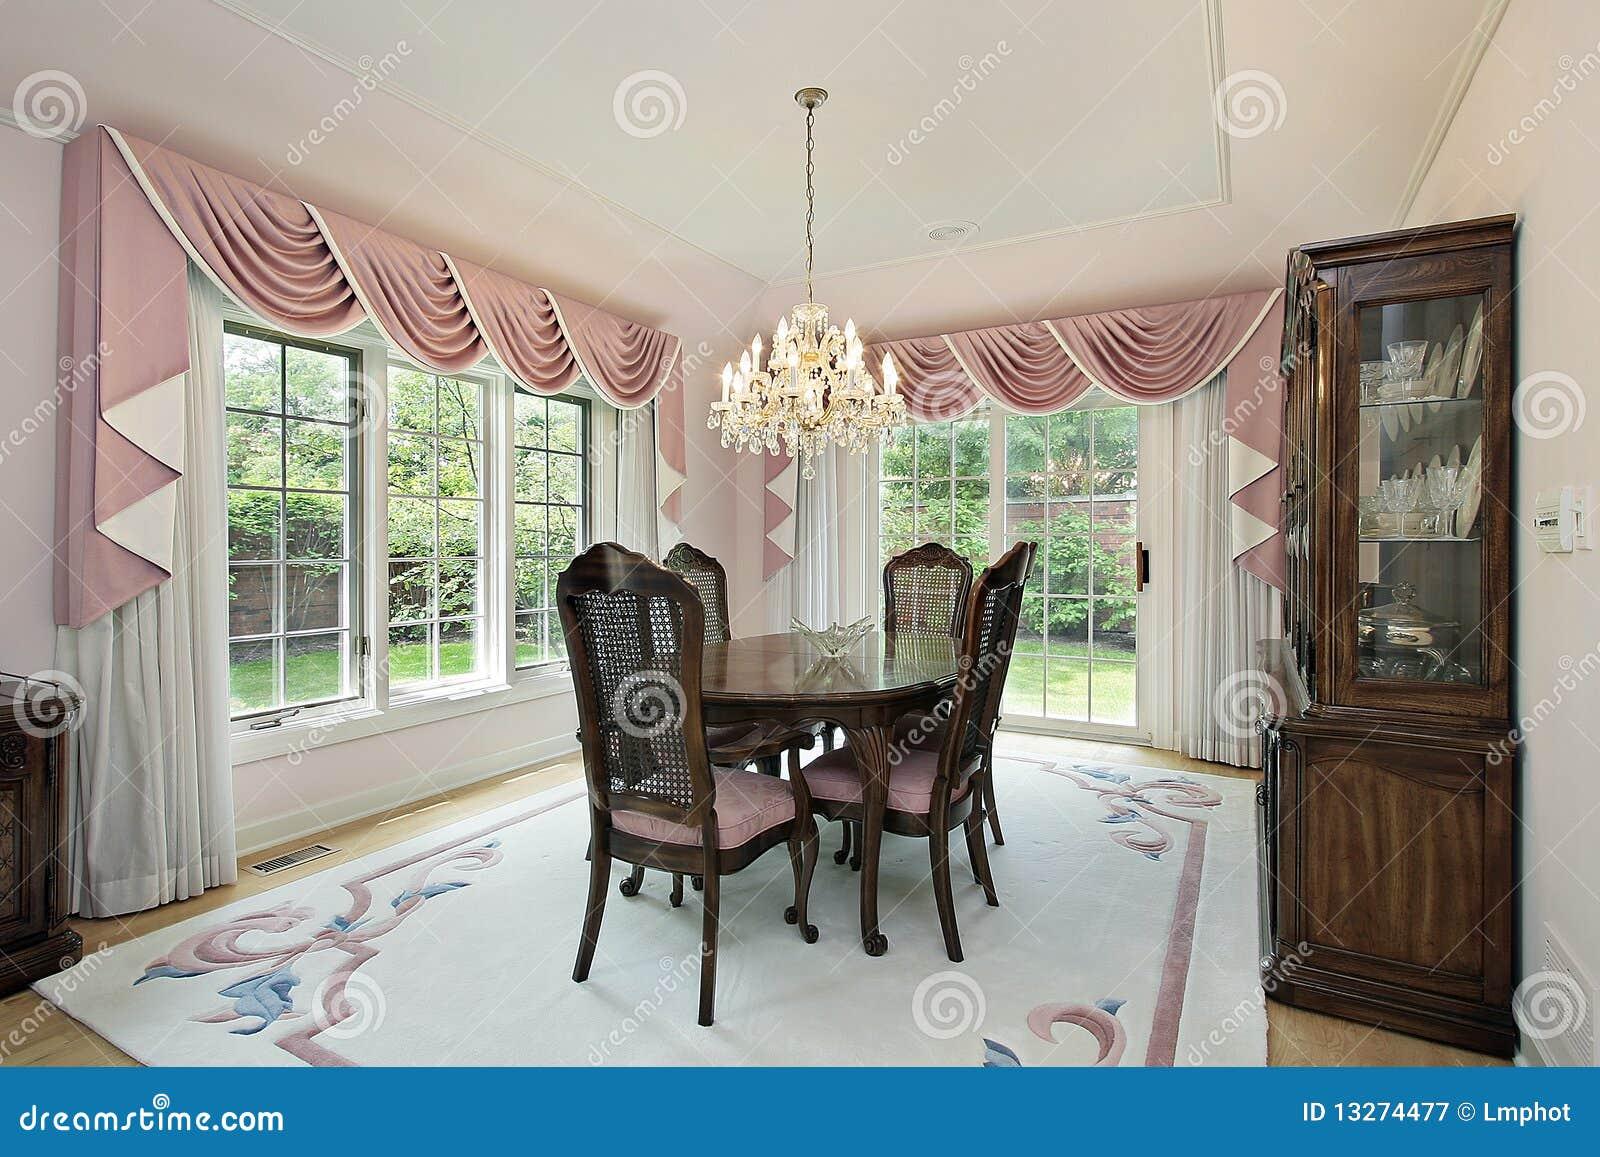 Salle à Manger Avec Les Rideaux Roses Image stock - Image du ...